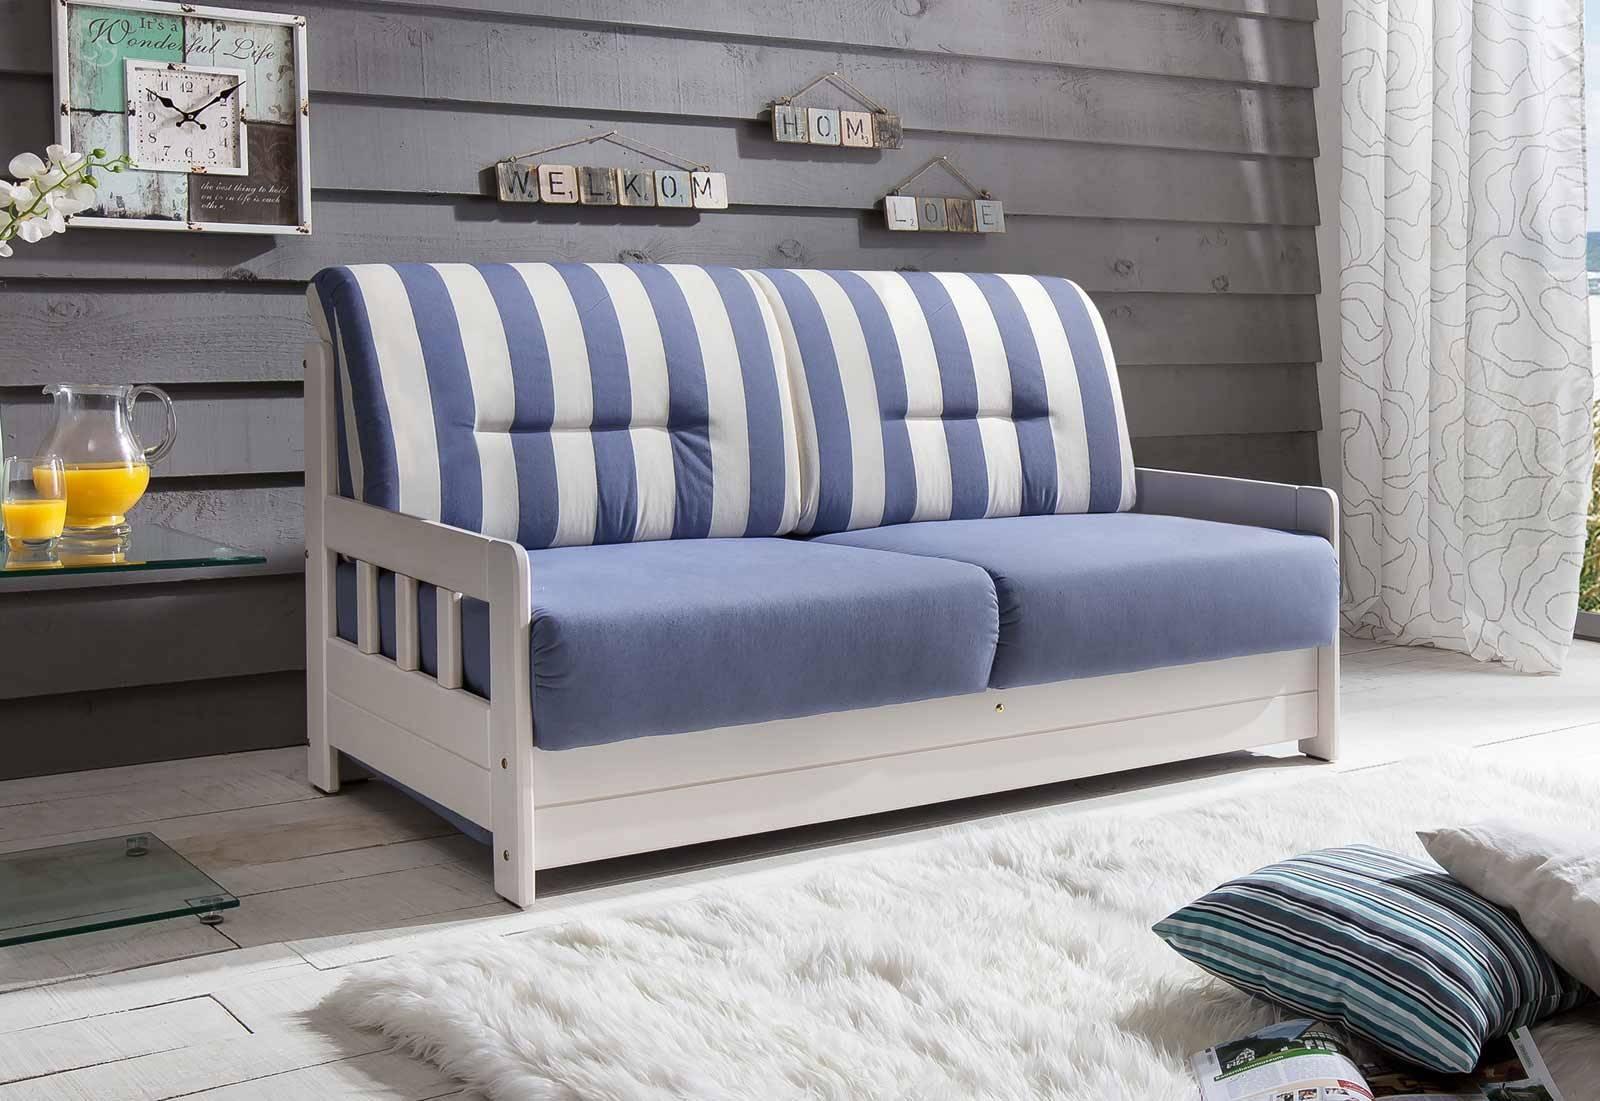 Das Bild zeigt ein gestreiftes Sofa.